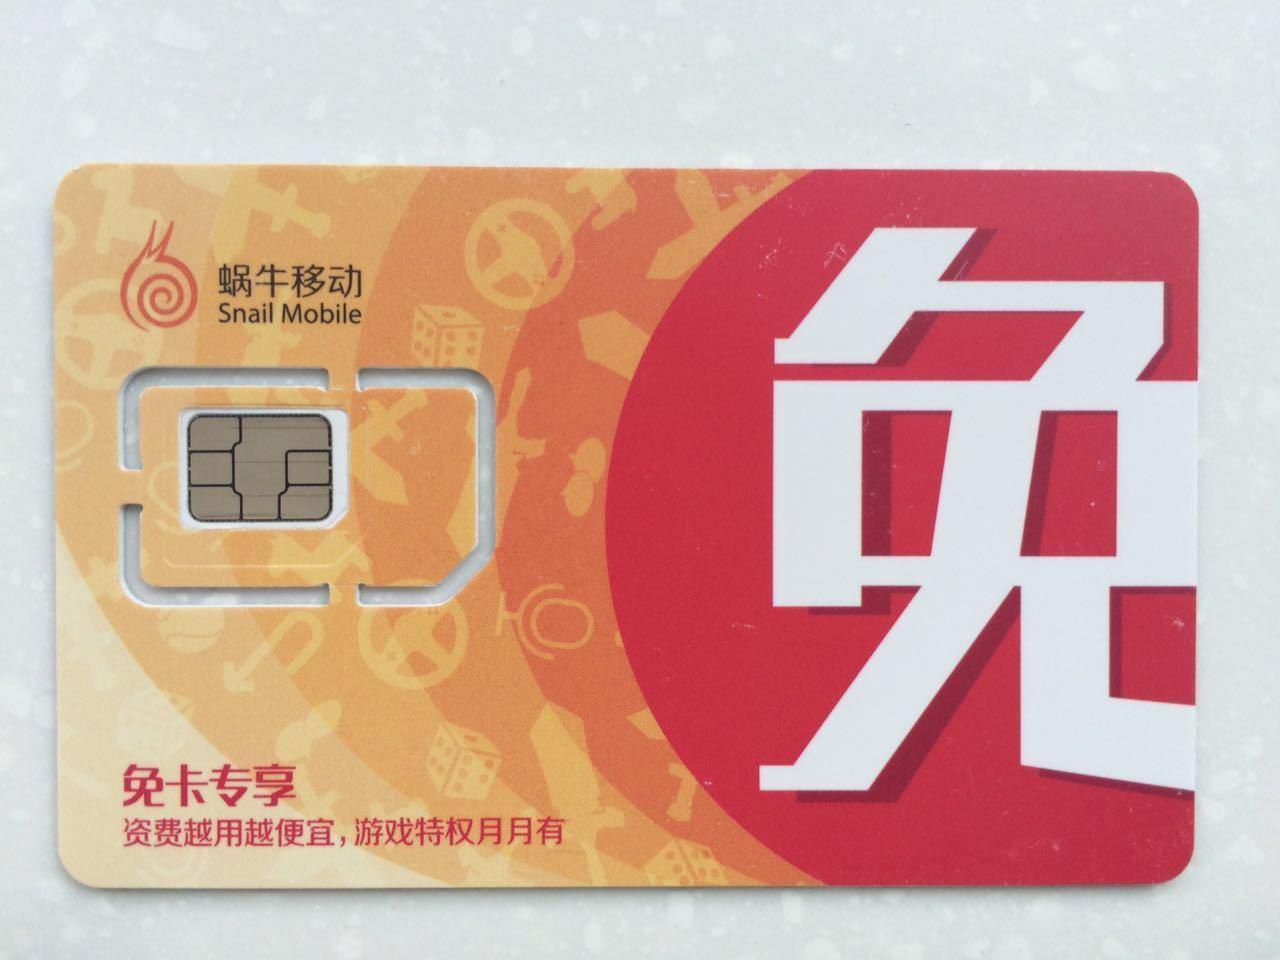 哪里有出售免实名的电话卡:哪里有卖实名制手机卡的?